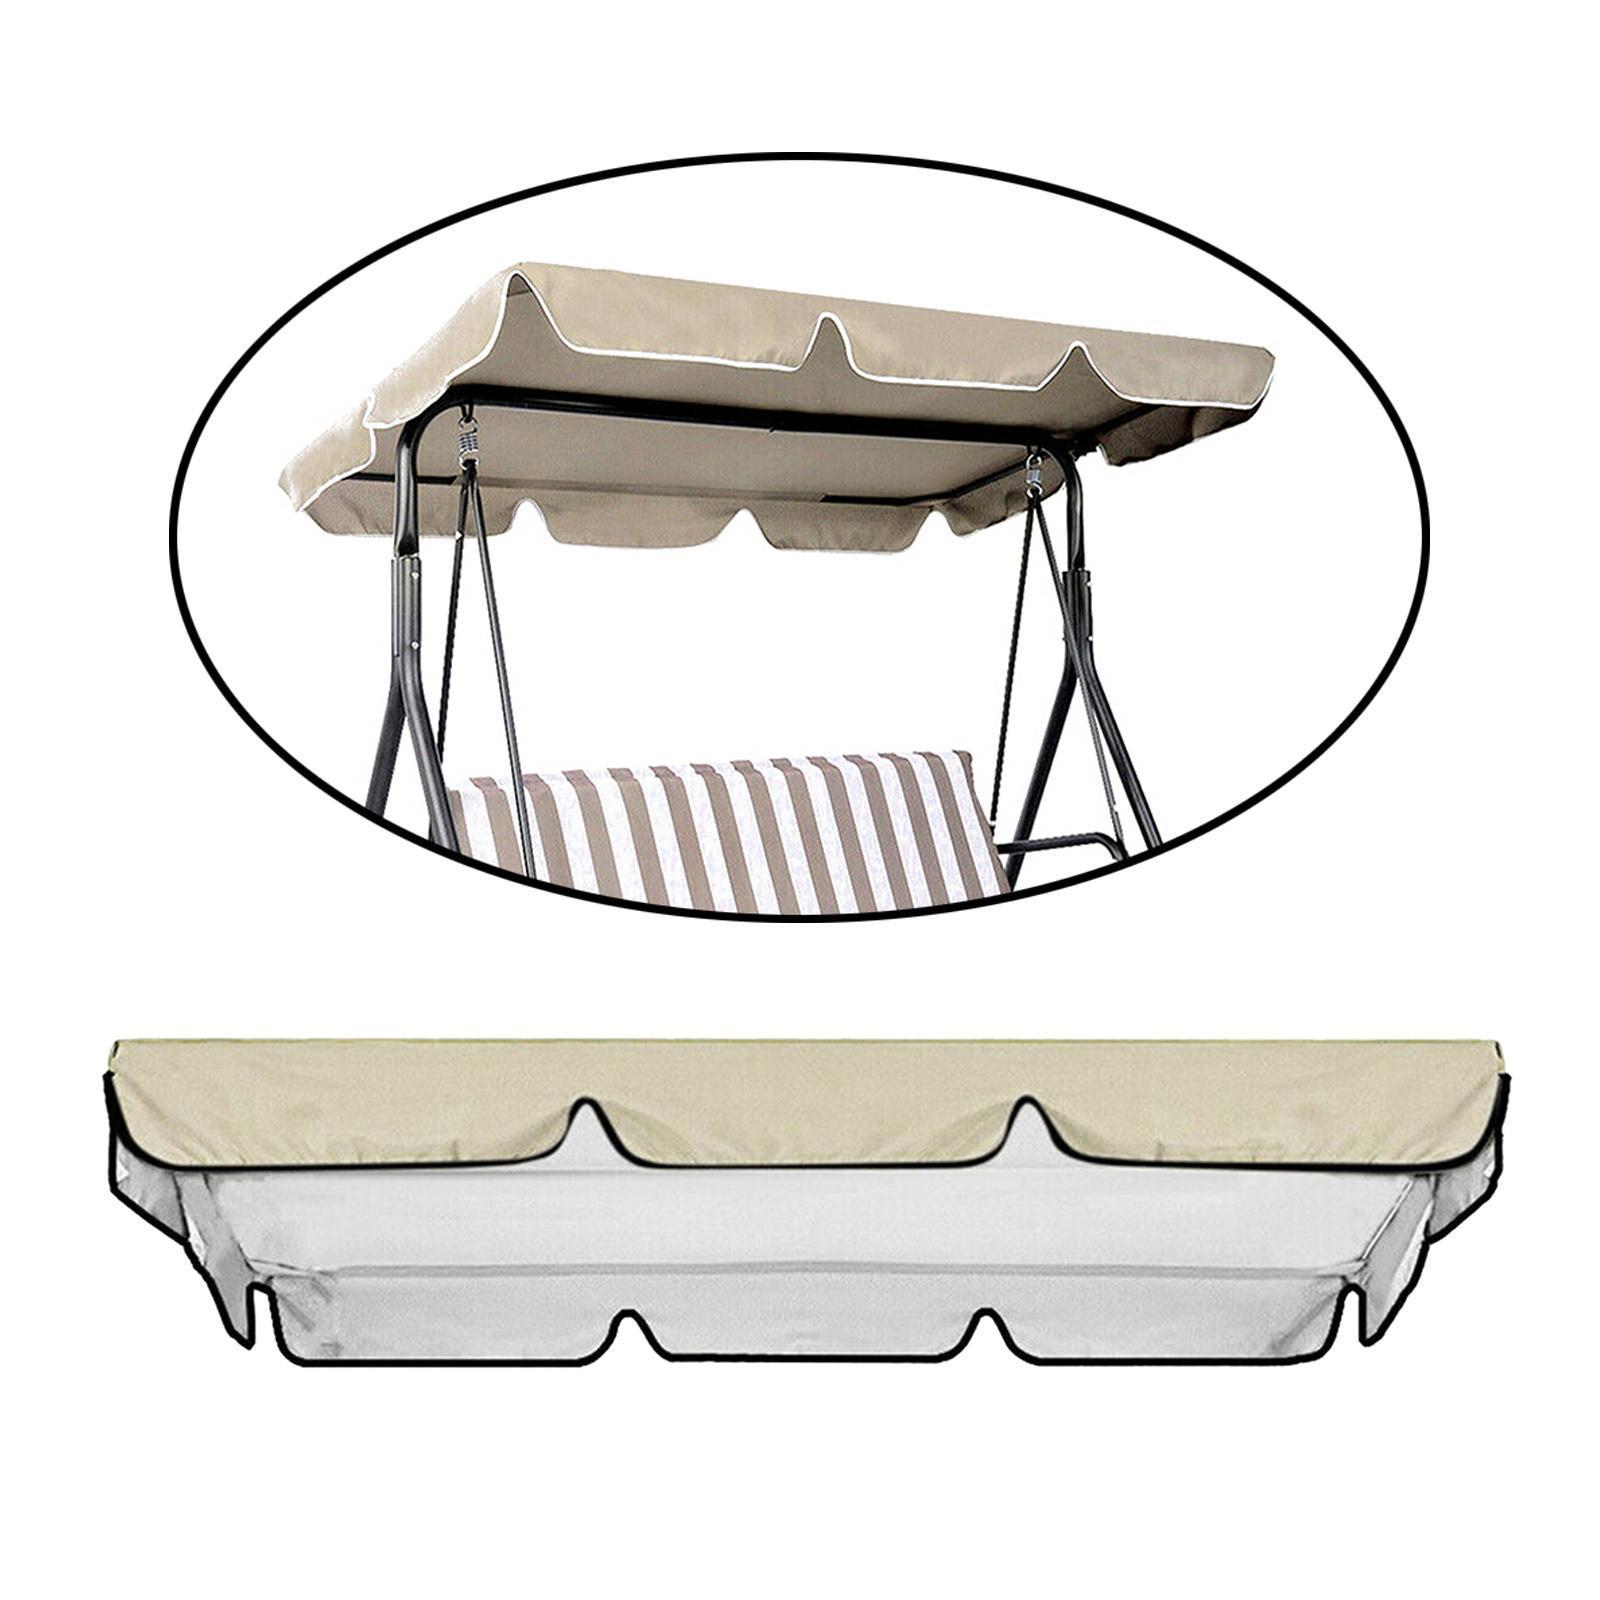 miniatura 54 - Copertura superiore della sedia a dondolo da giardino per esterni con